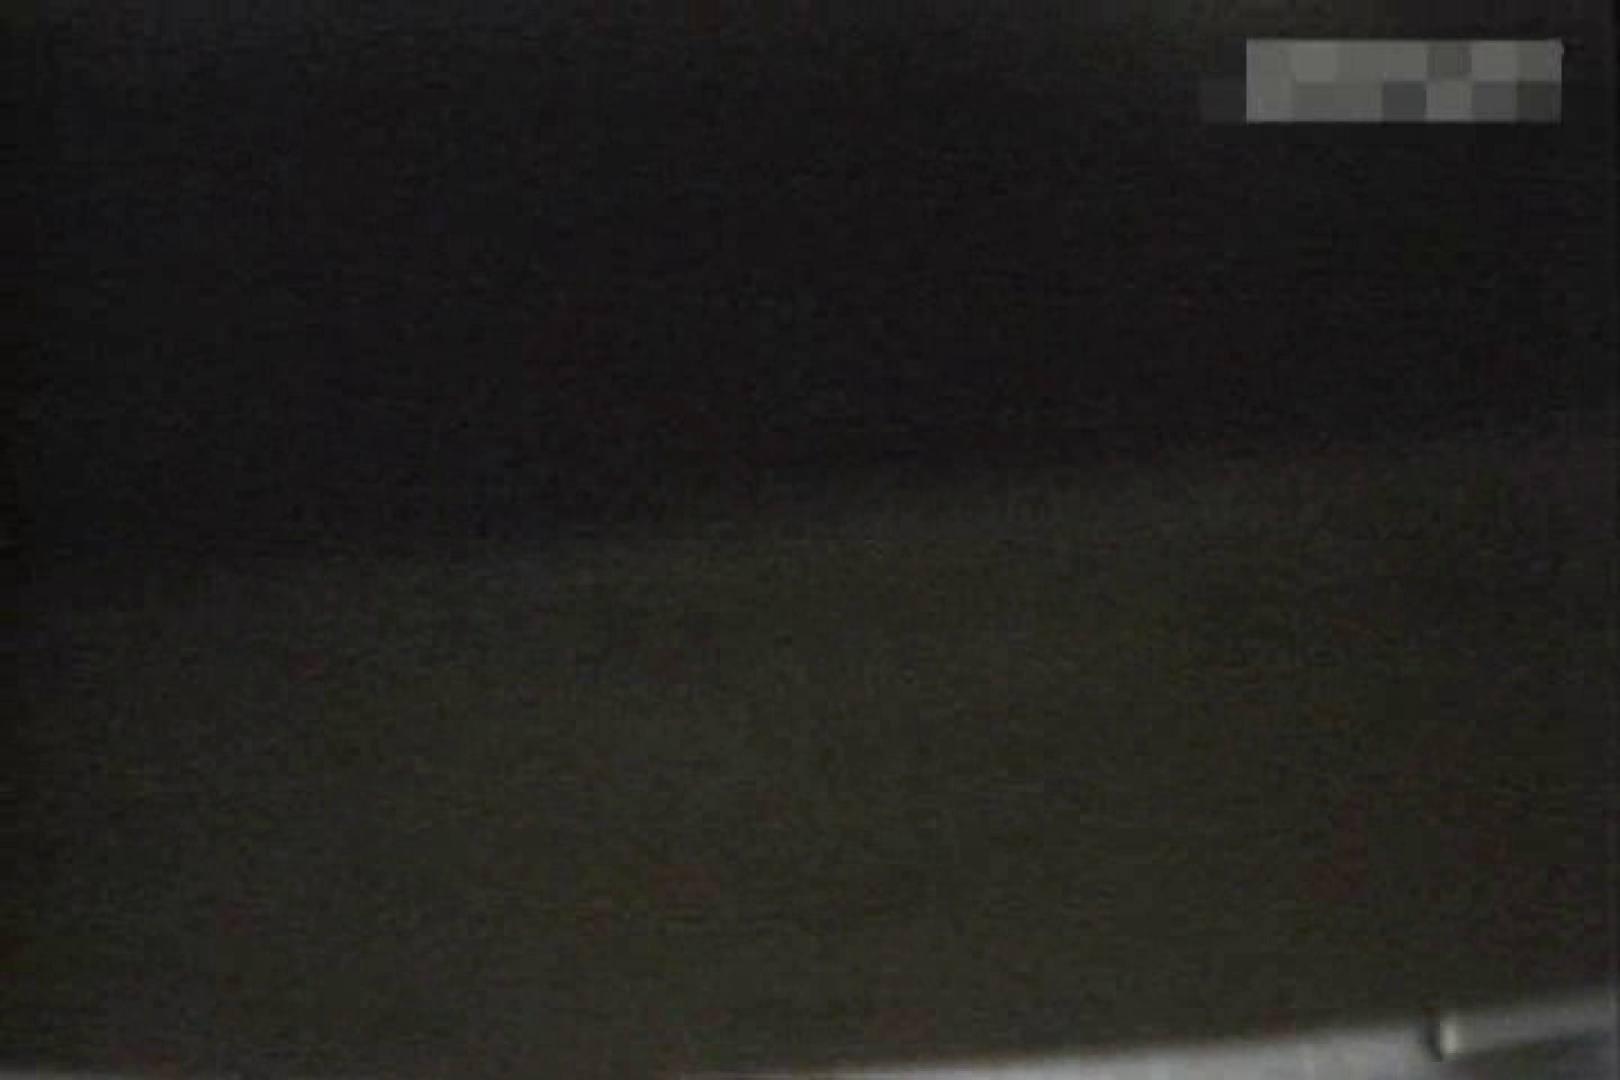 個室狂いのマニア映像Vol.2 エロティックなOL AV動画キャプチャ 105画像 32